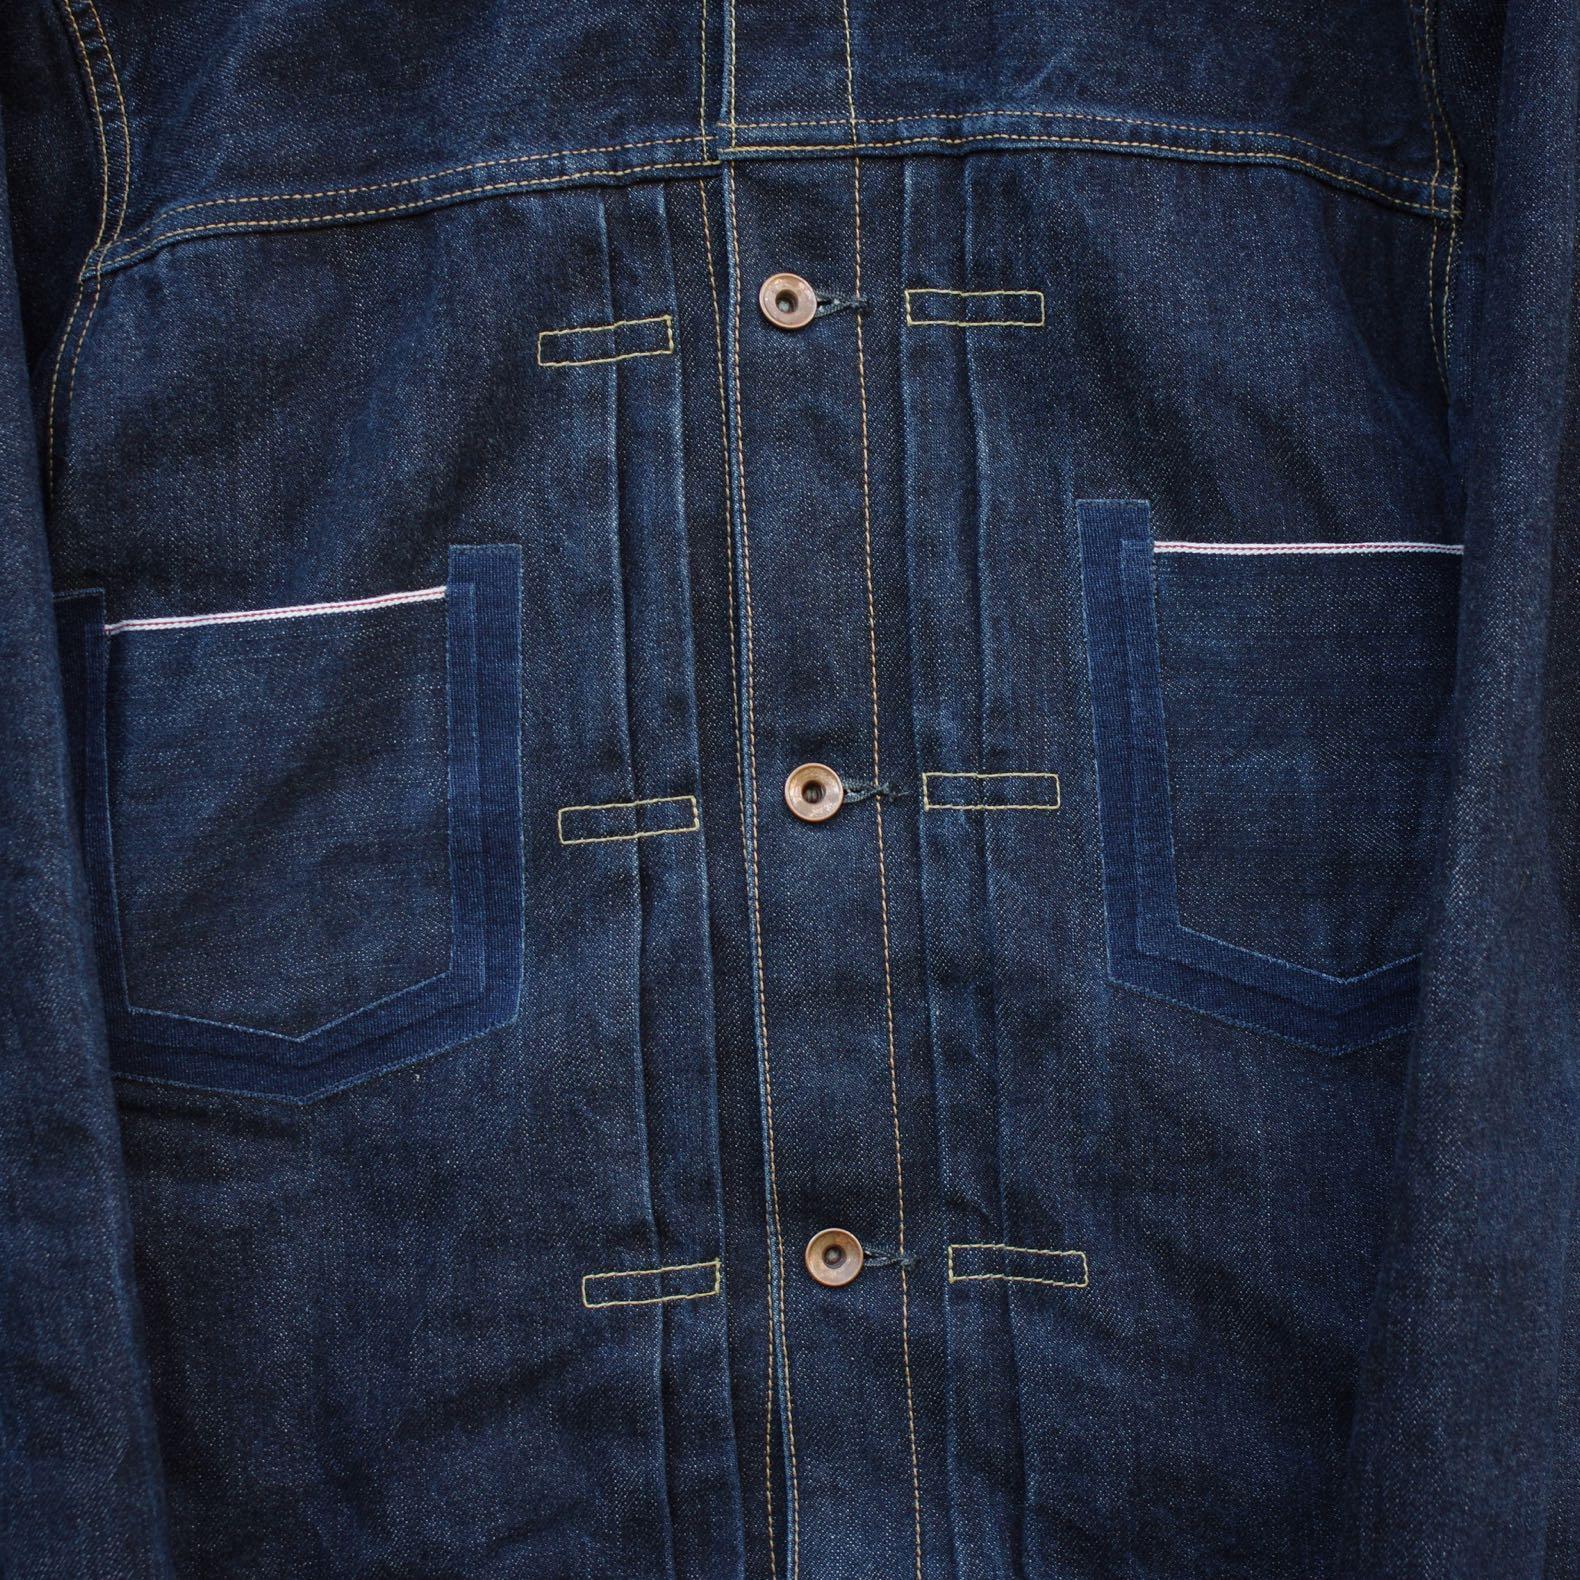 détail de poche de veste en jean avec le liseret selvedge typique d'un denim japonais